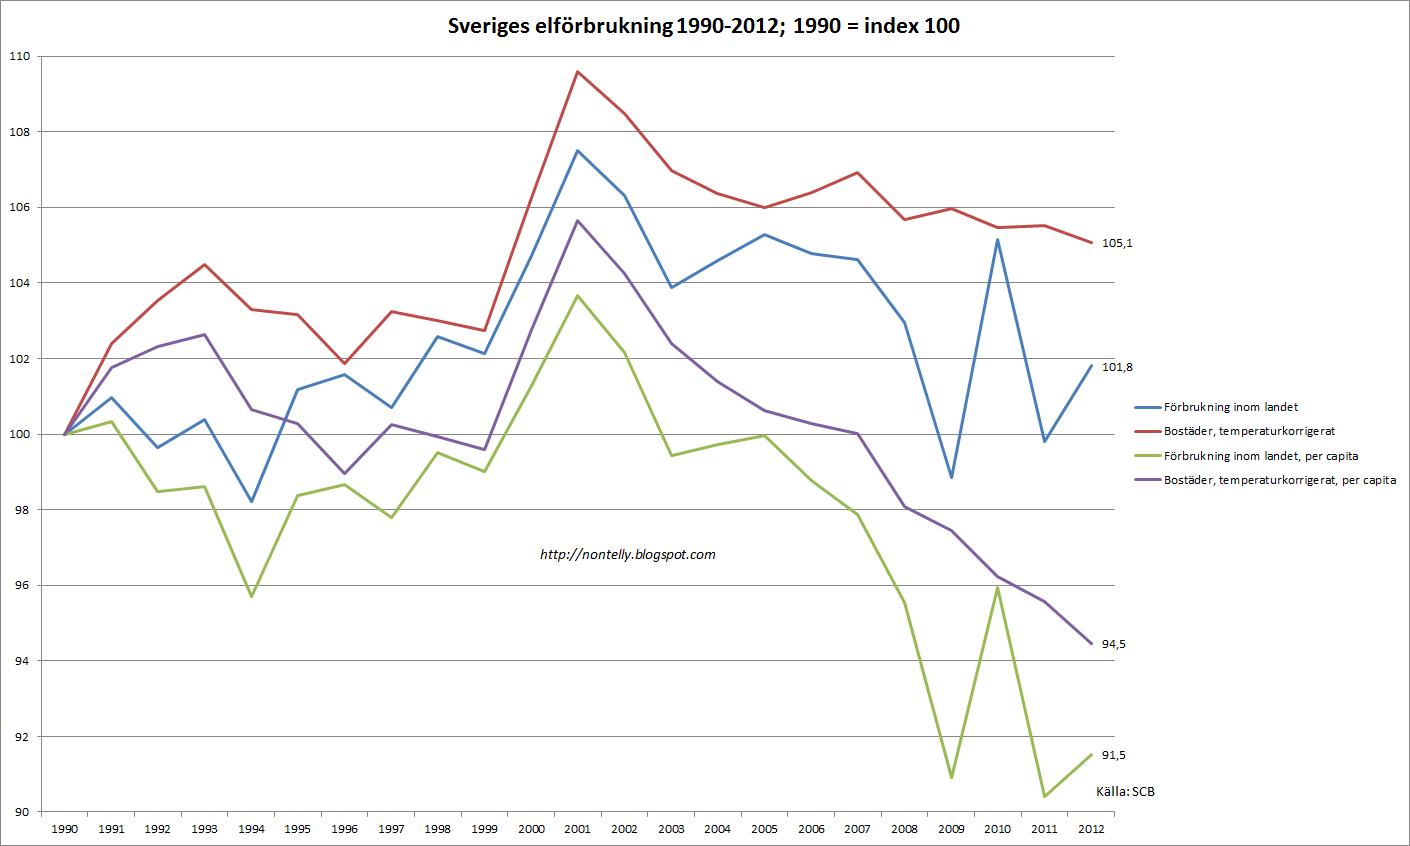 sveriges energiförbrukning 2012